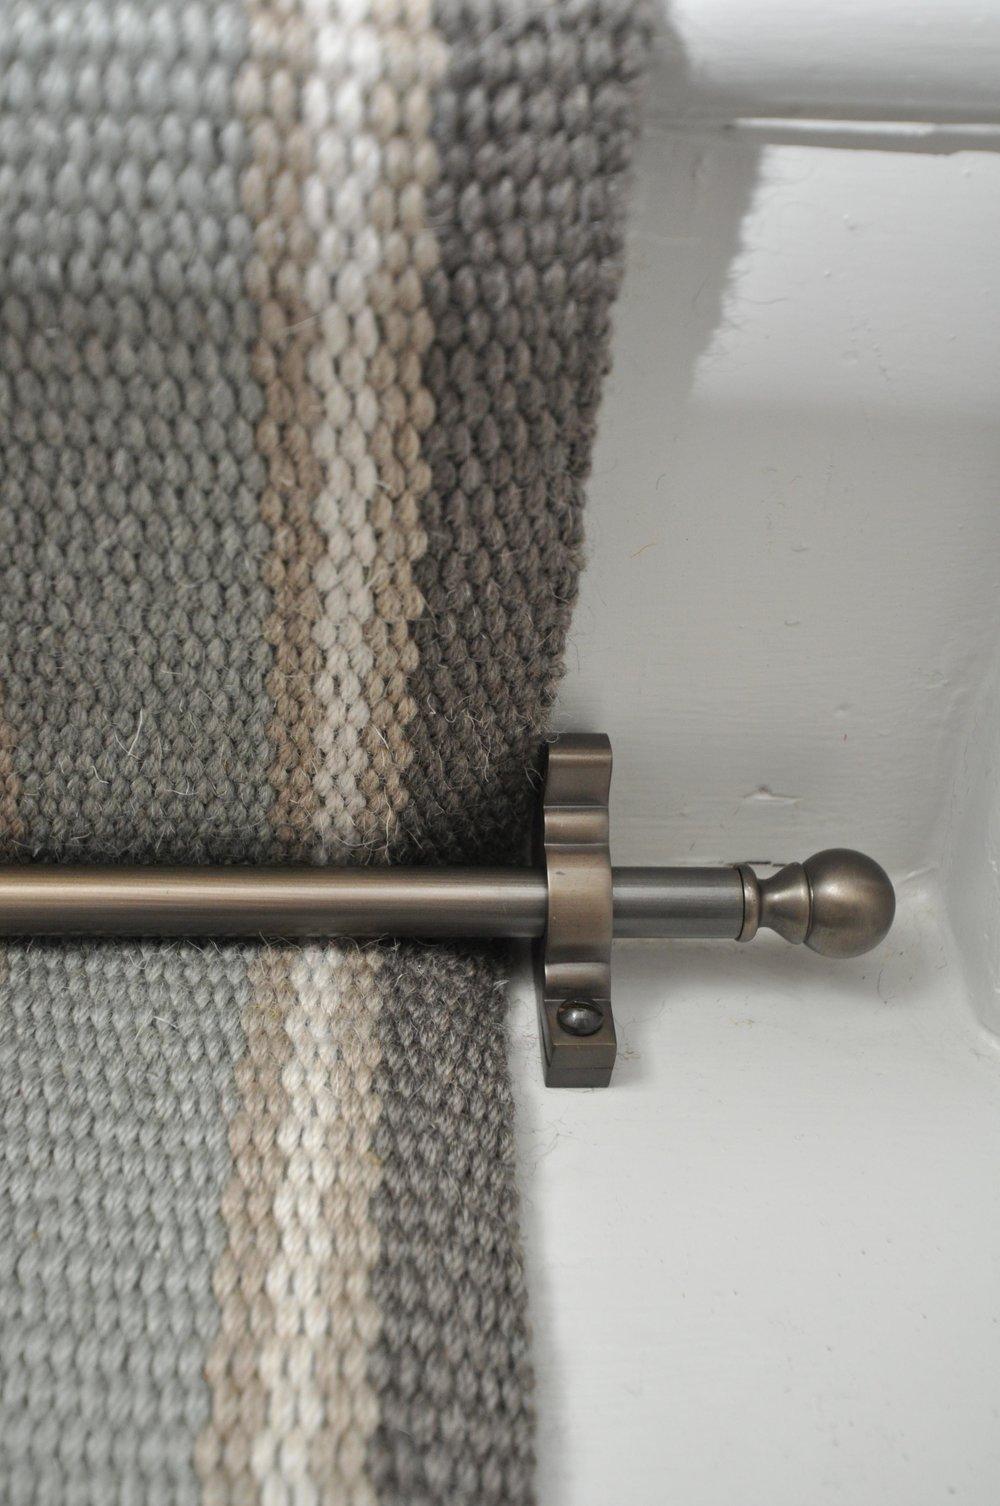 flatweave-stair-runner-london-bowloom-carpet-off-the-loom-DSC_1499.jpg